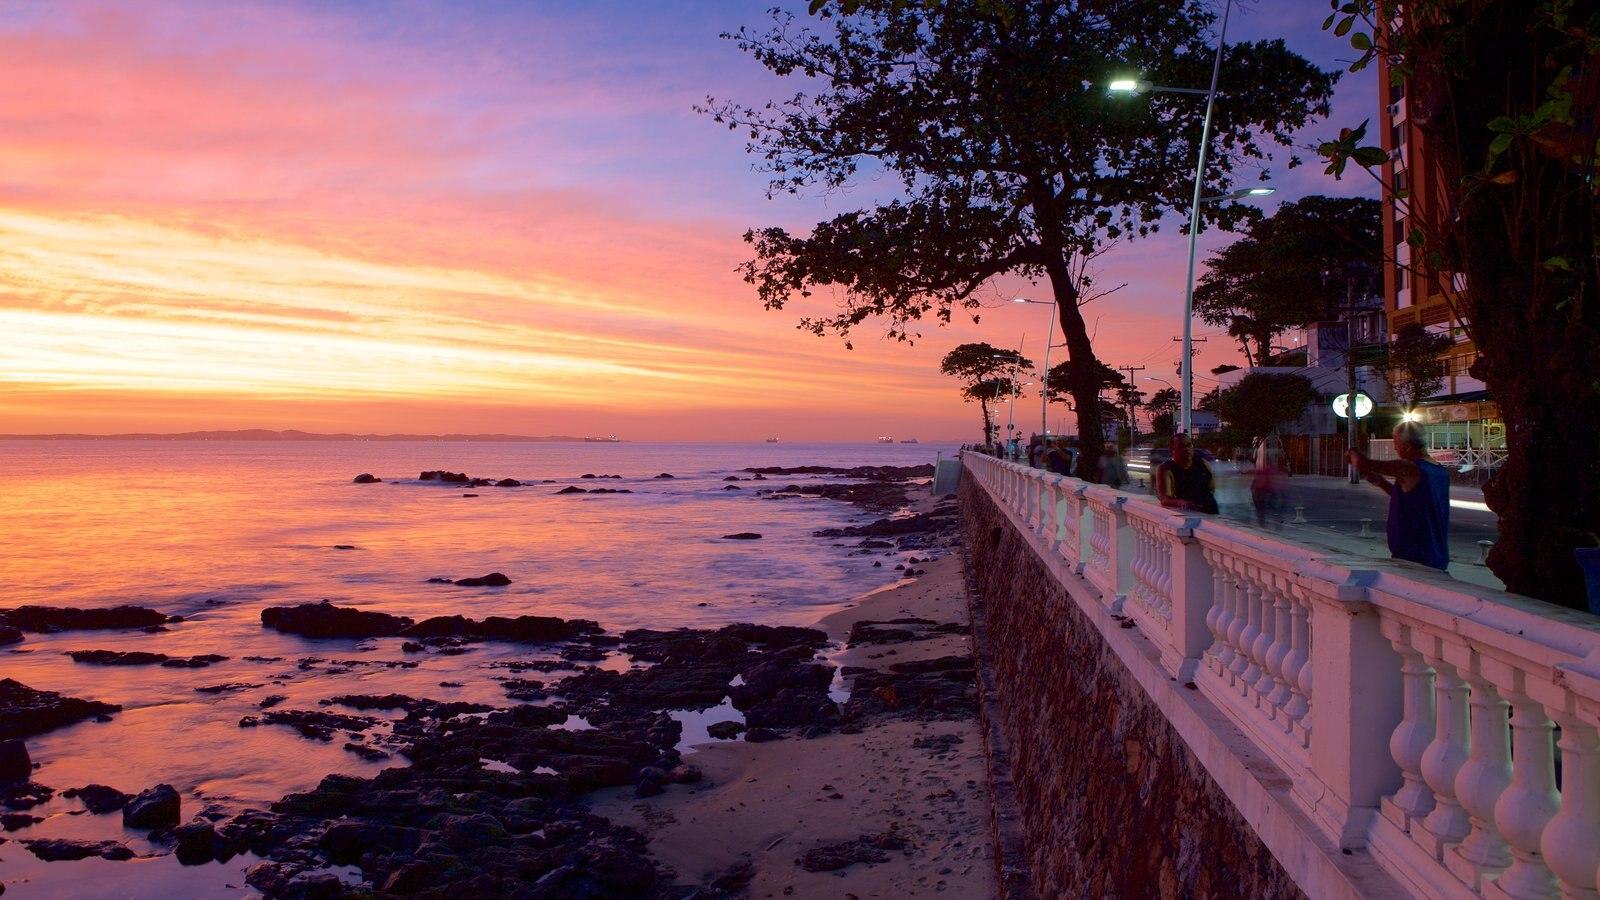 Praia do Farol da Barra caracterizando um pôr do sol, paisagens litorâneas e uma cidade litorânea